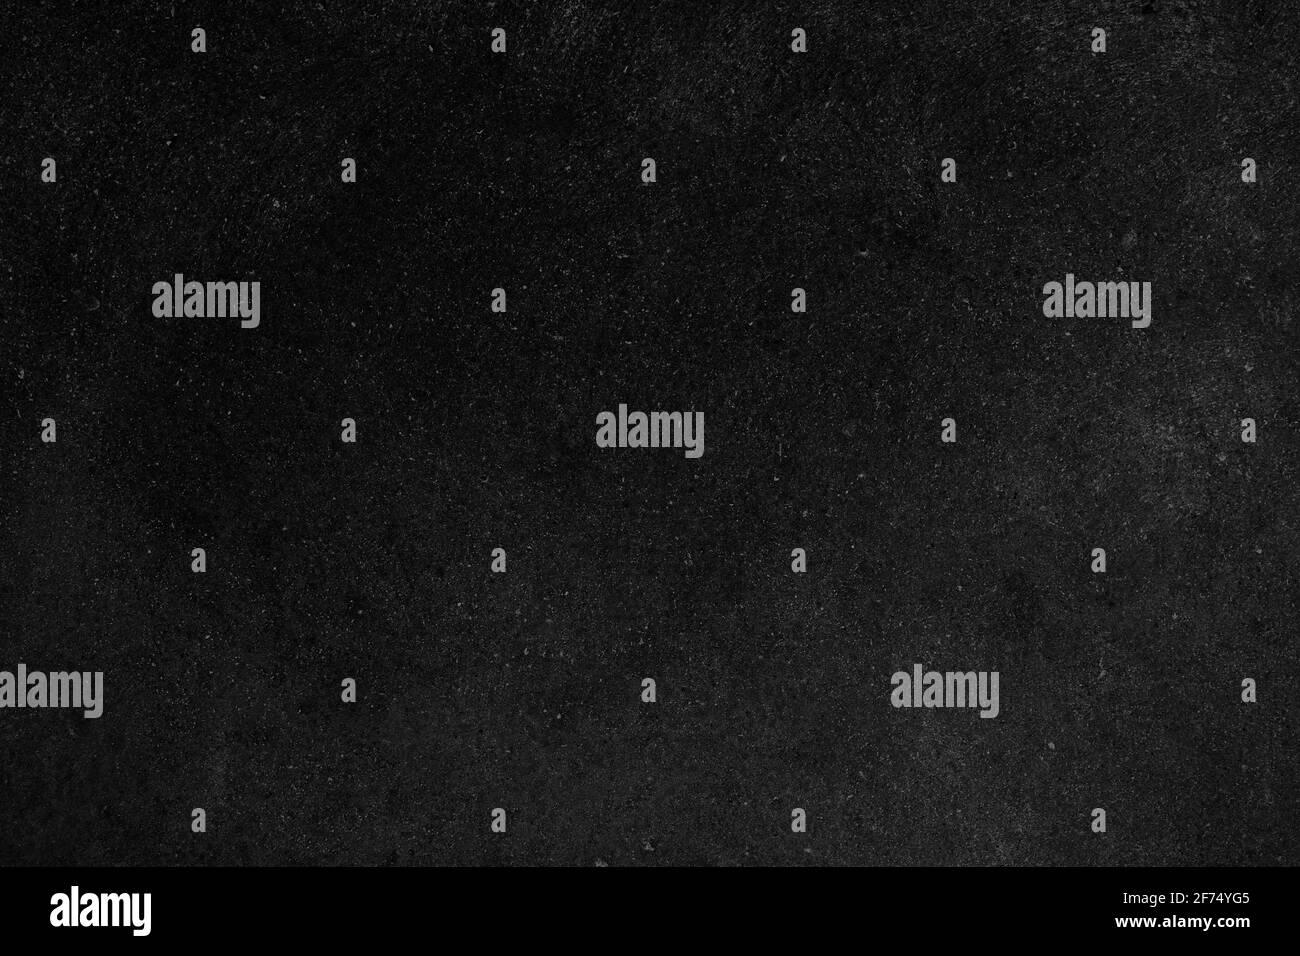 Fronte vuoto sfondo nero reale lavagna texture in concetto college per sfondo bambino torna a scuola per creare bianco gesso testo disegnare grafica. Bac Foto Stock